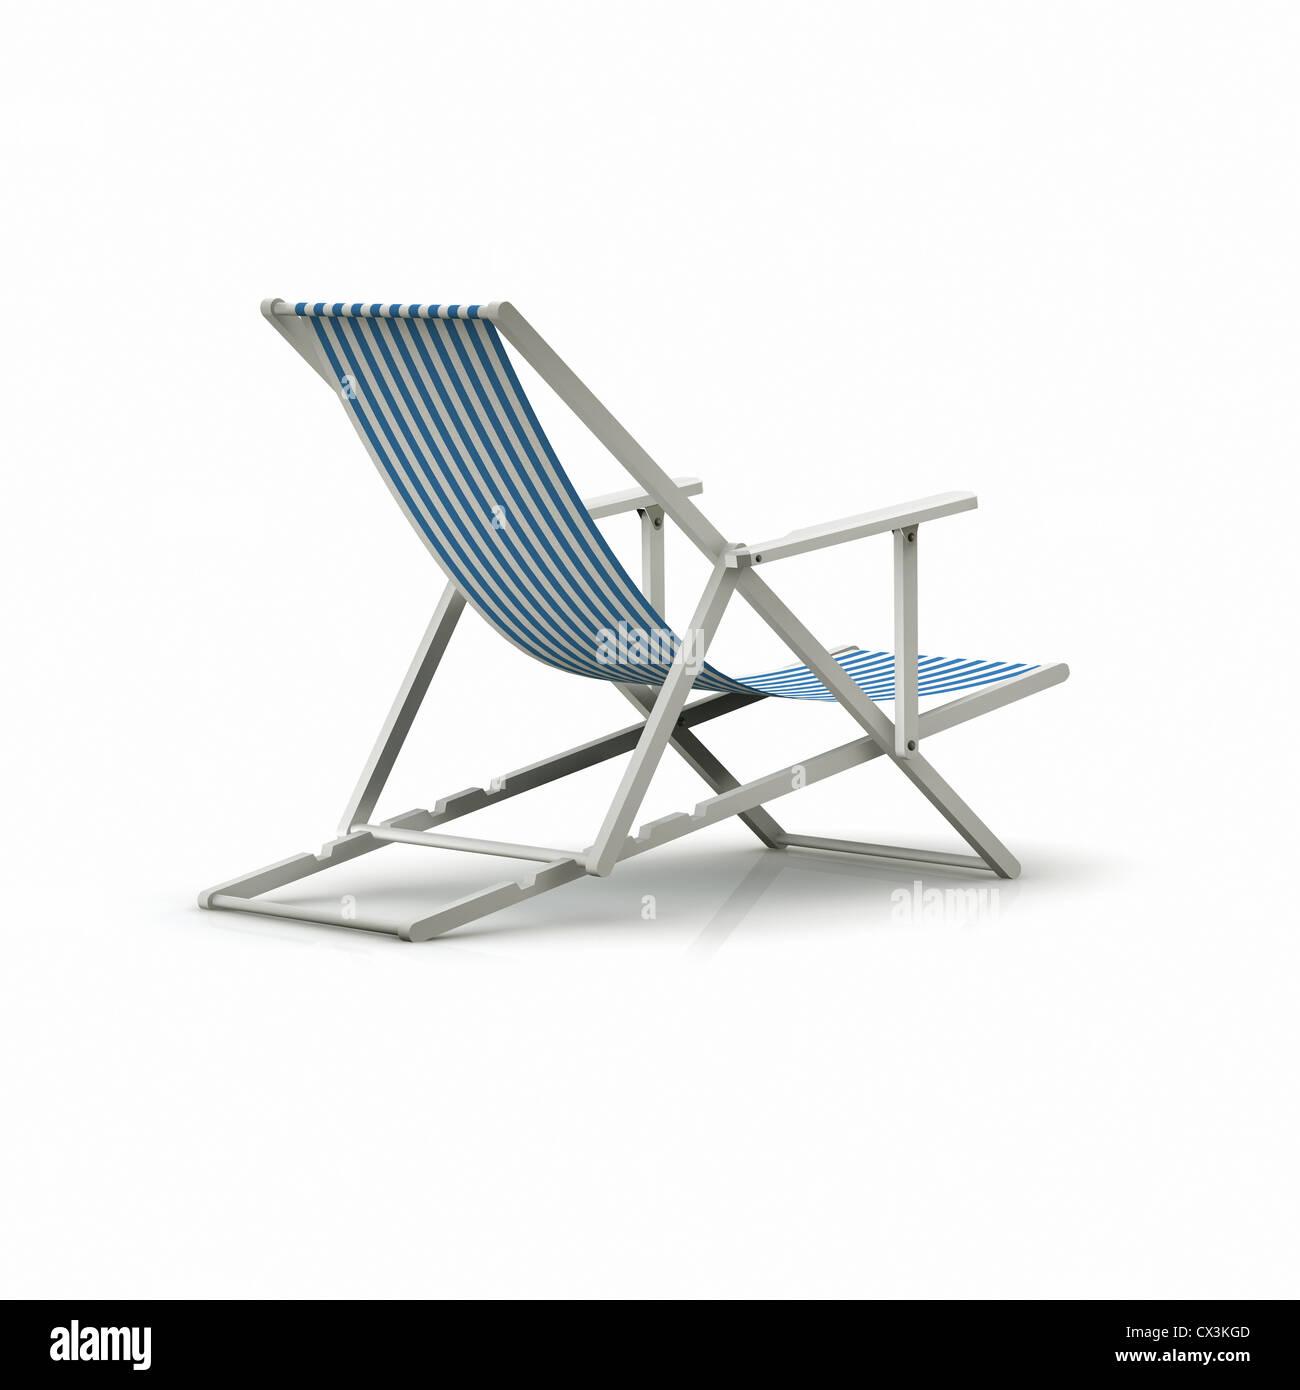 Striped Deck Chair on White BackgLiegestuhl mit blauen Streifen auf weissem Hintergrund - Striped Deck Chair on - Stock Image